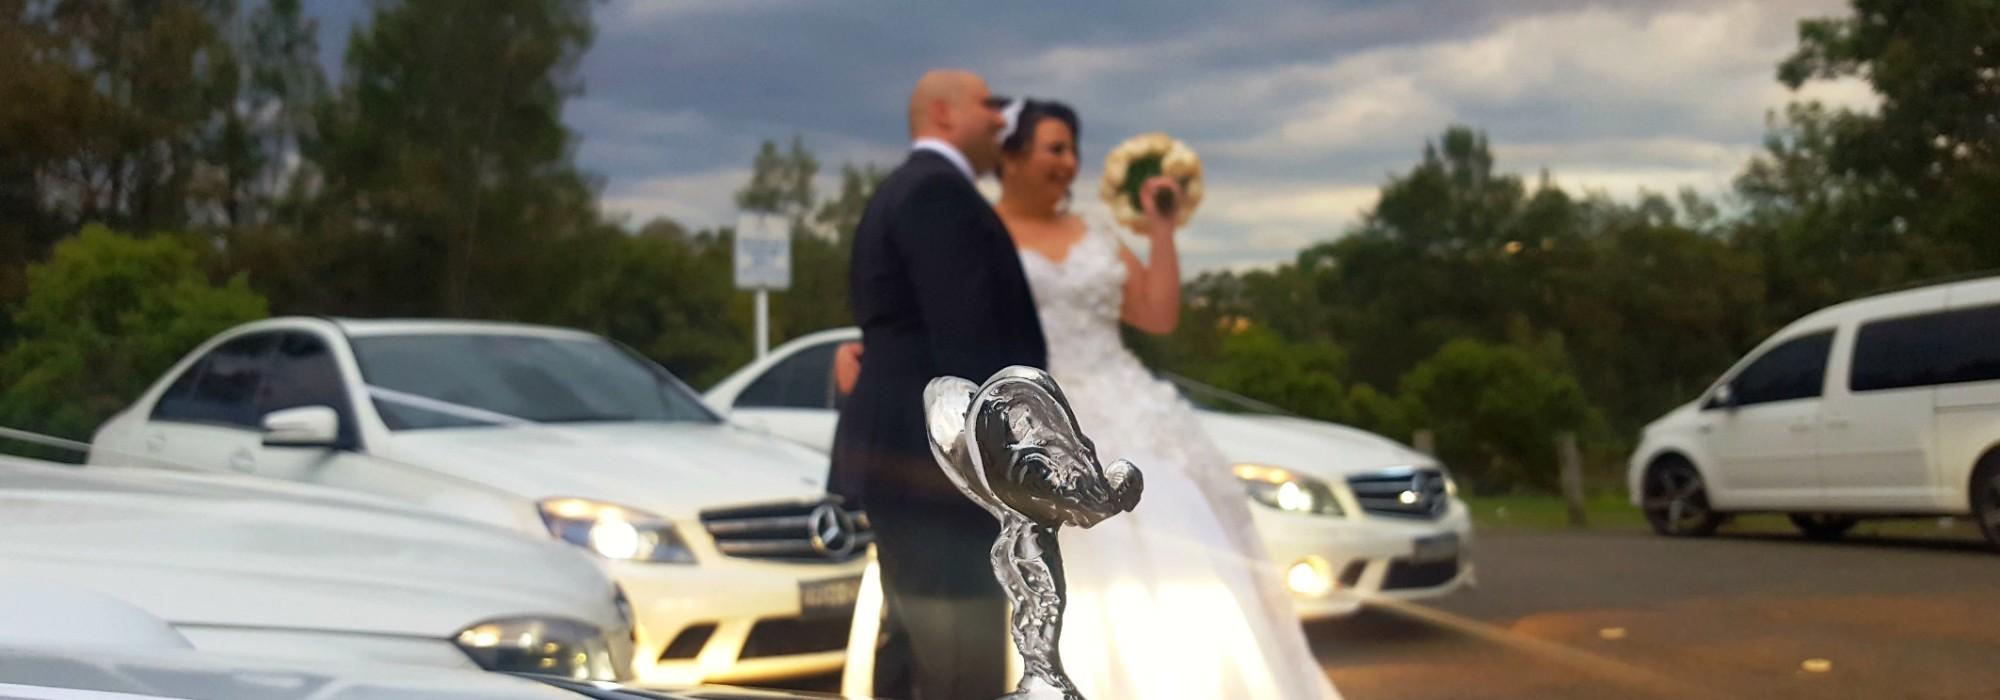 Entice Chauffered Car Hire Wedding Car Hire Sydney